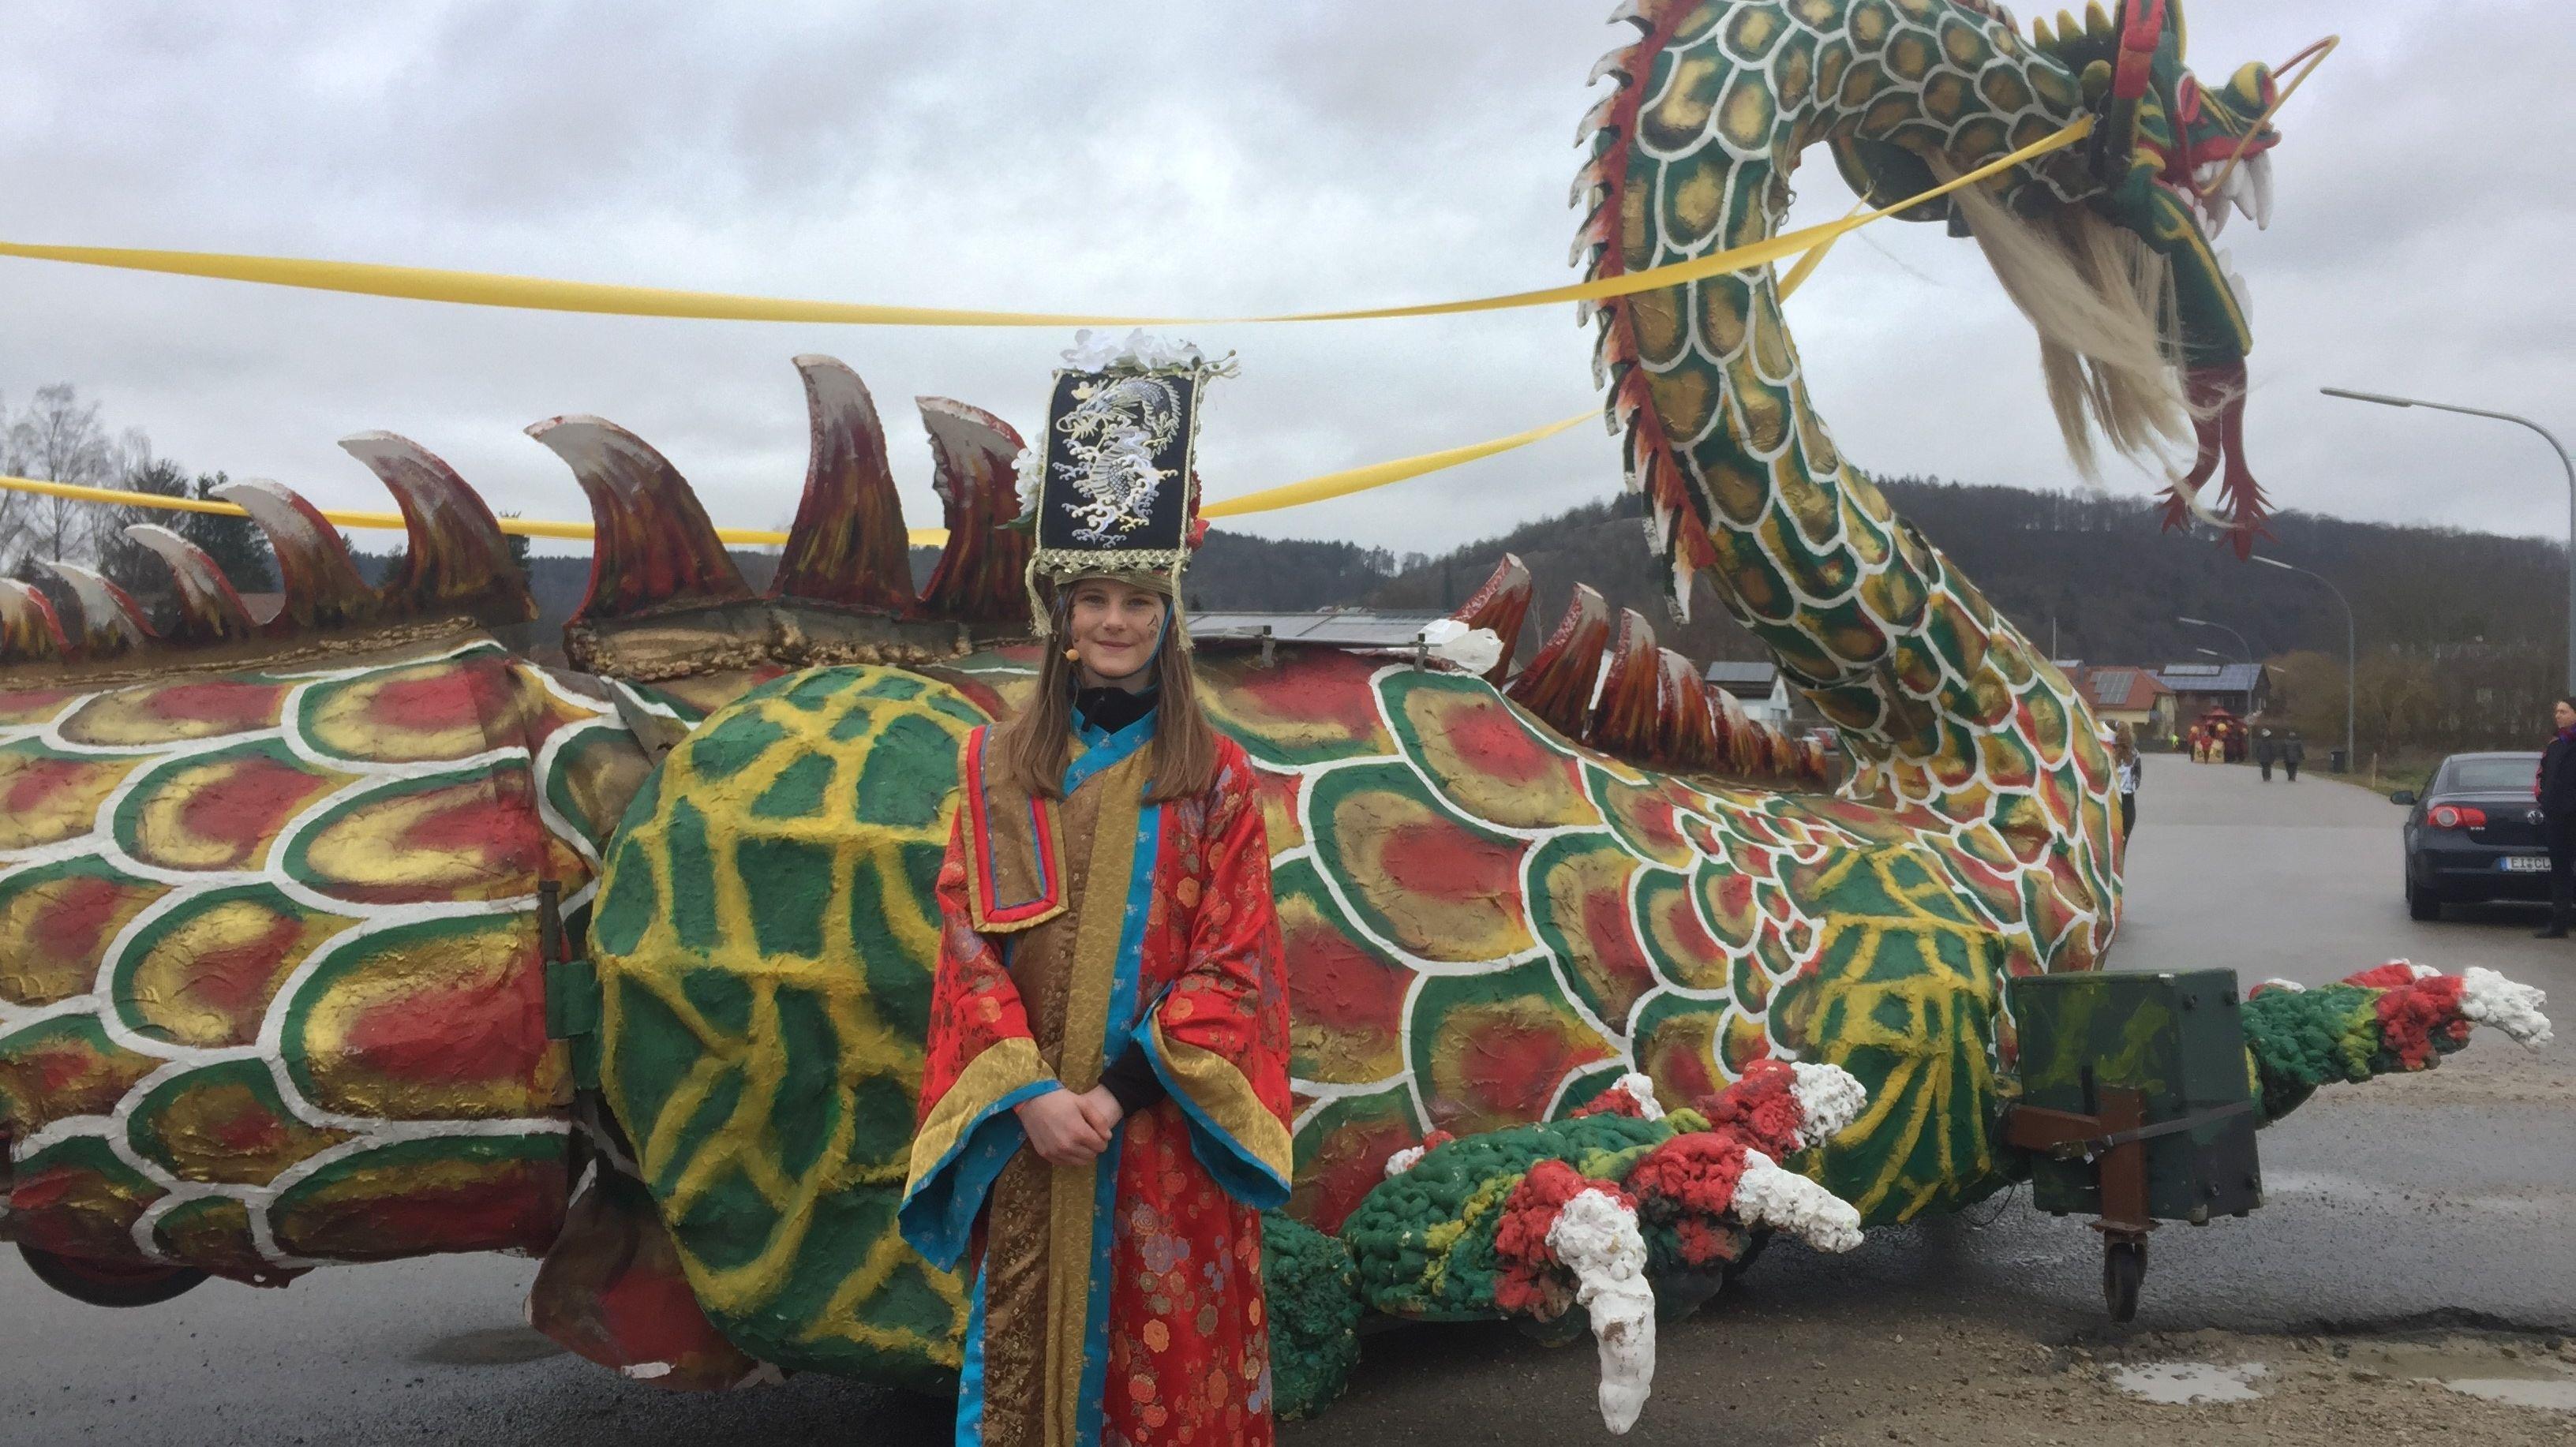 Emelie Leopold vor dem Drachenwagen beim Dietfurter Chinesenfasching.